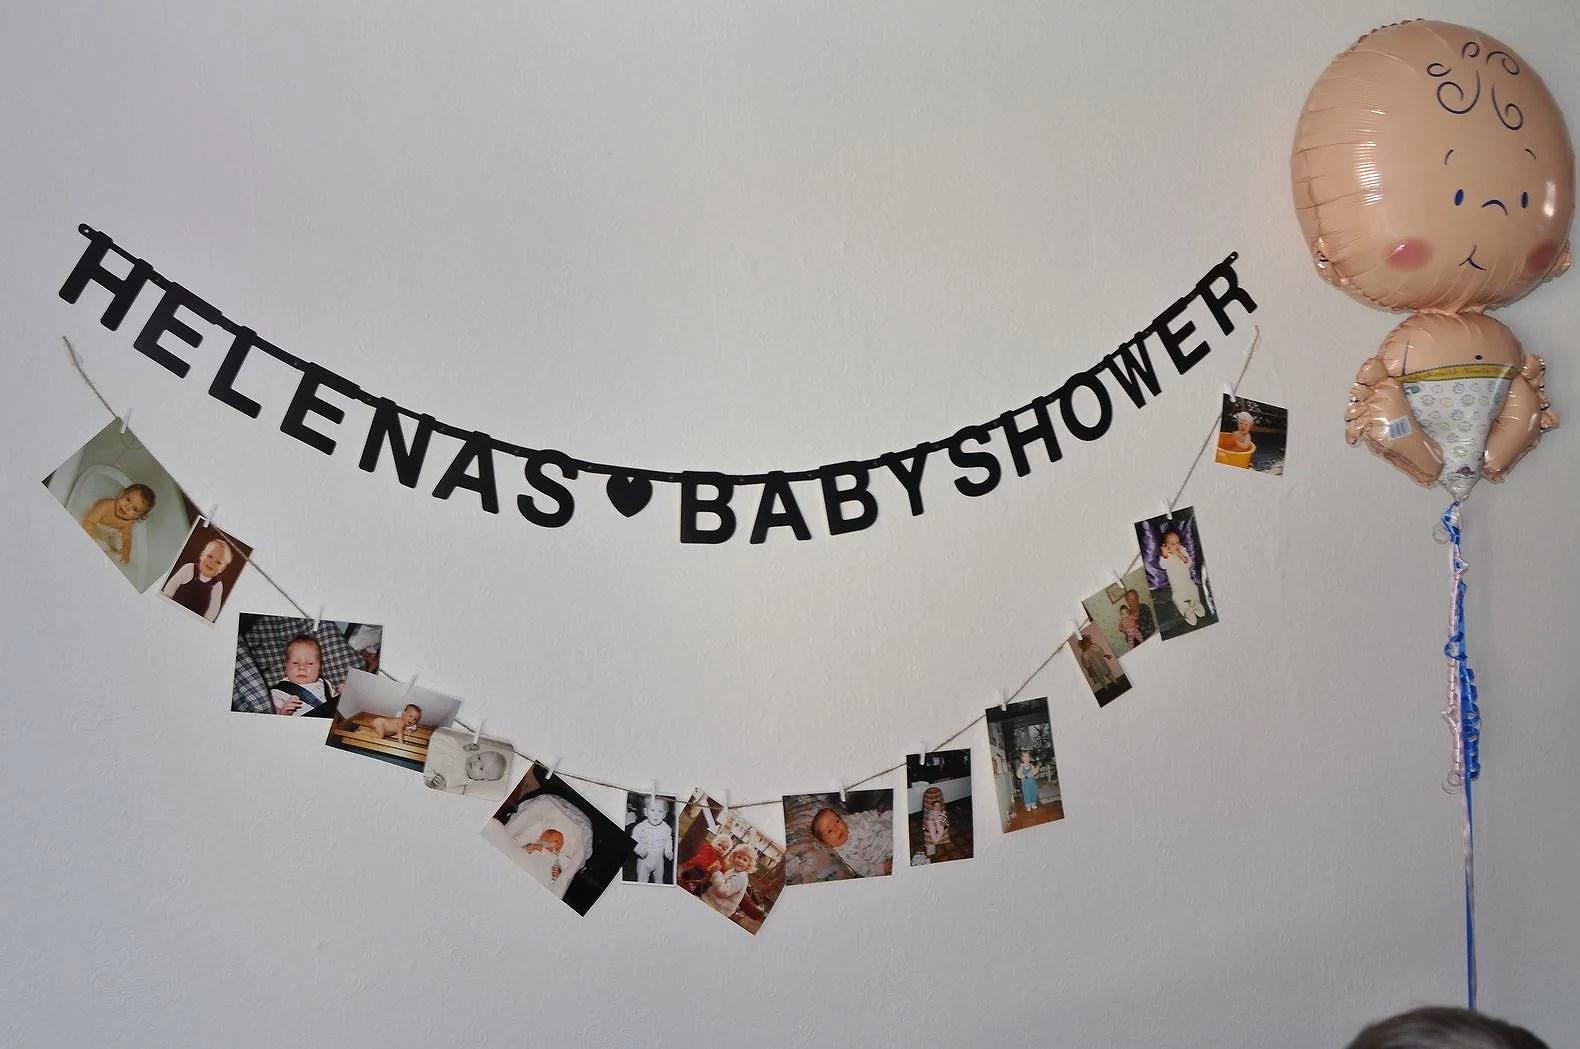 Babyshower gissa barnmaten